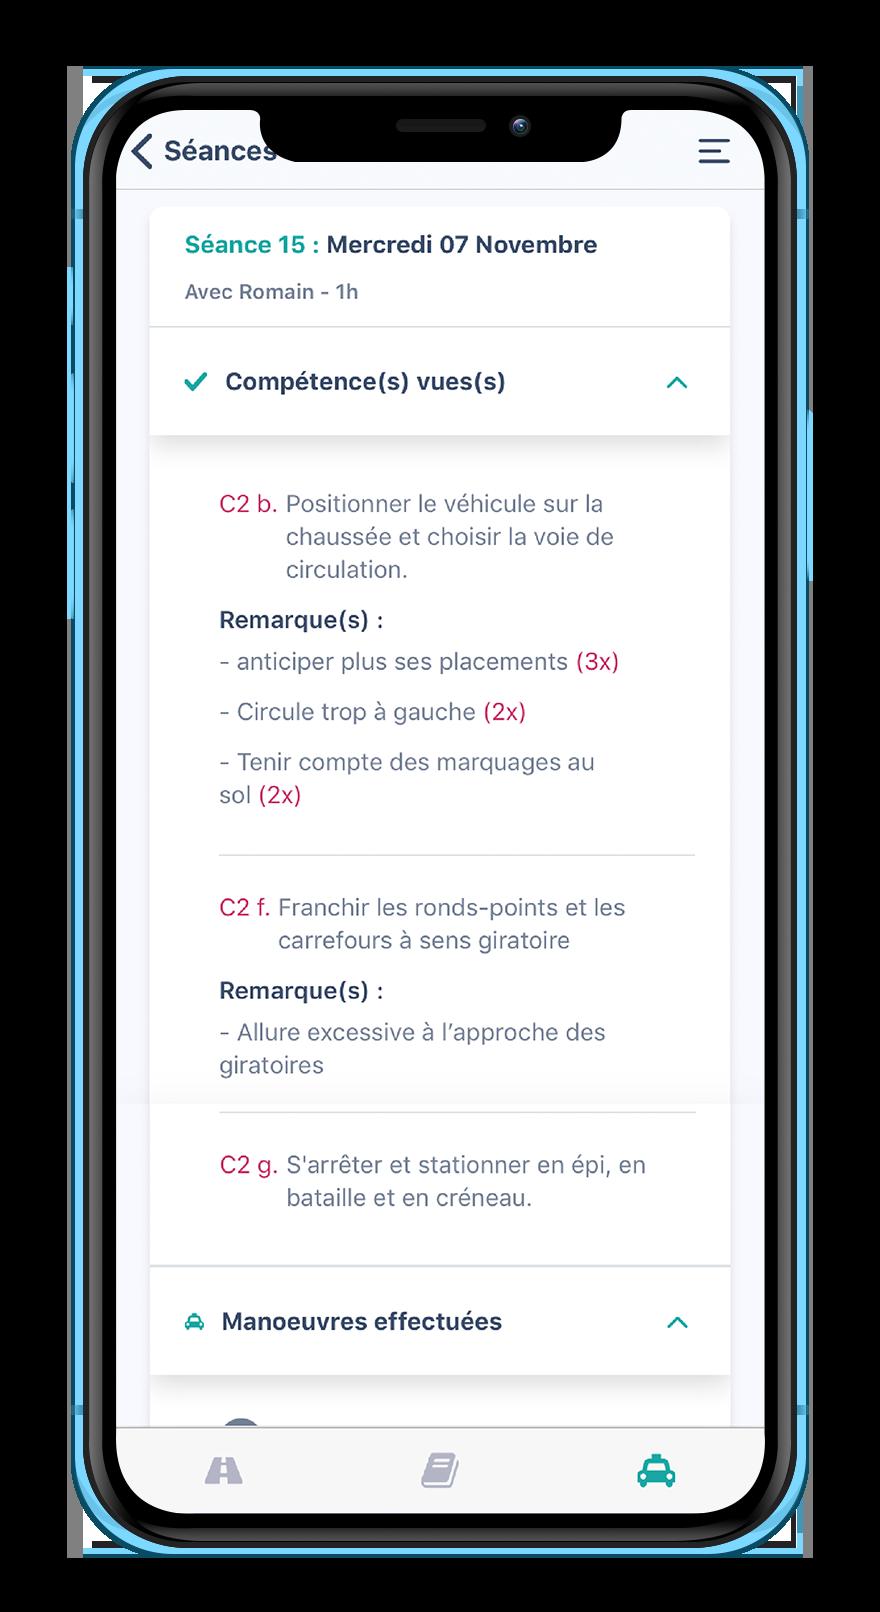 Ecran de smartphone avec le détail d'une leçon sur l'application Mounki sur mobile